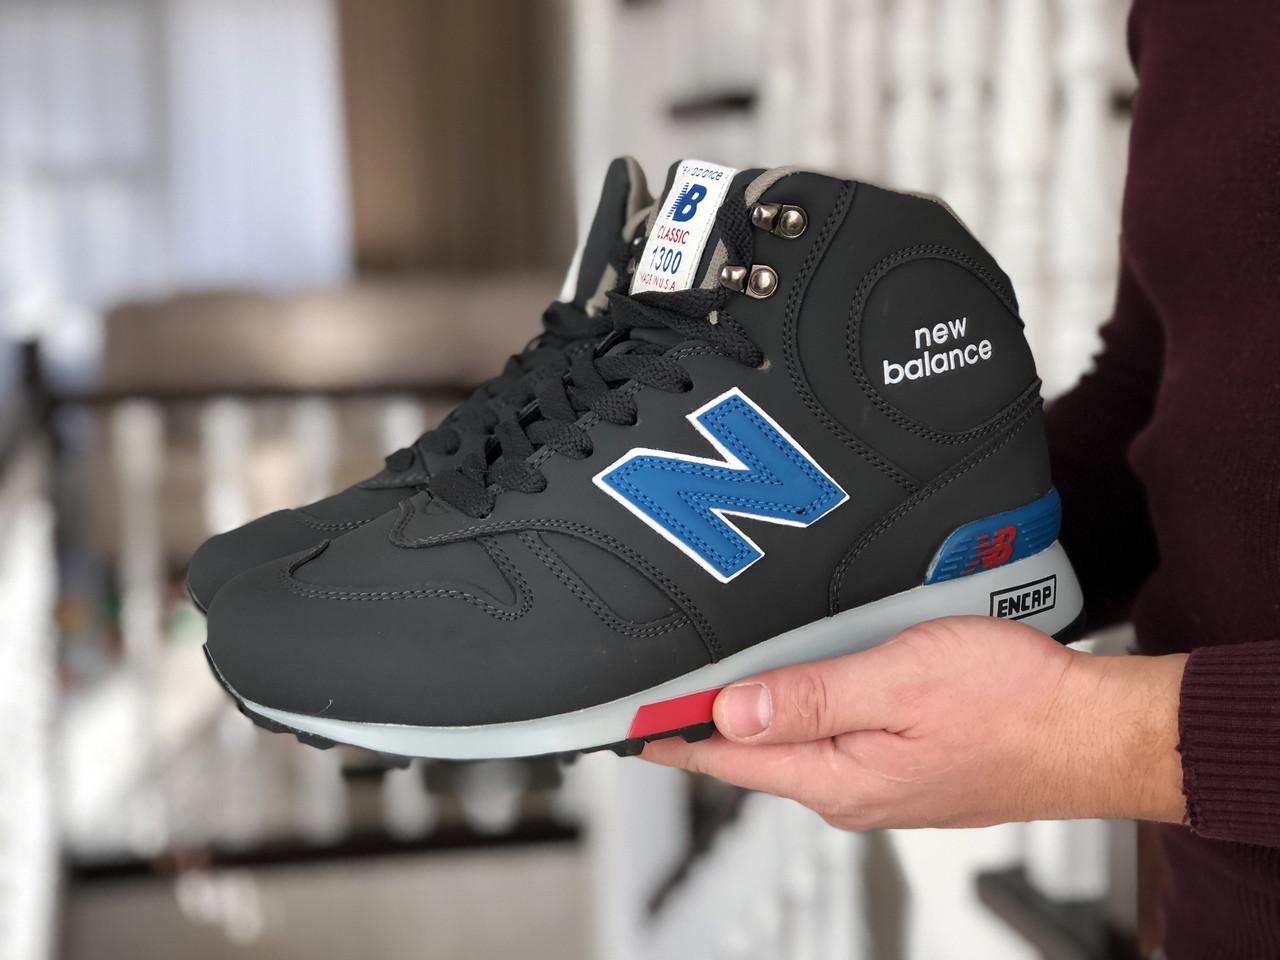 Мужские зимние кроссовки New balance 1300 (серые)